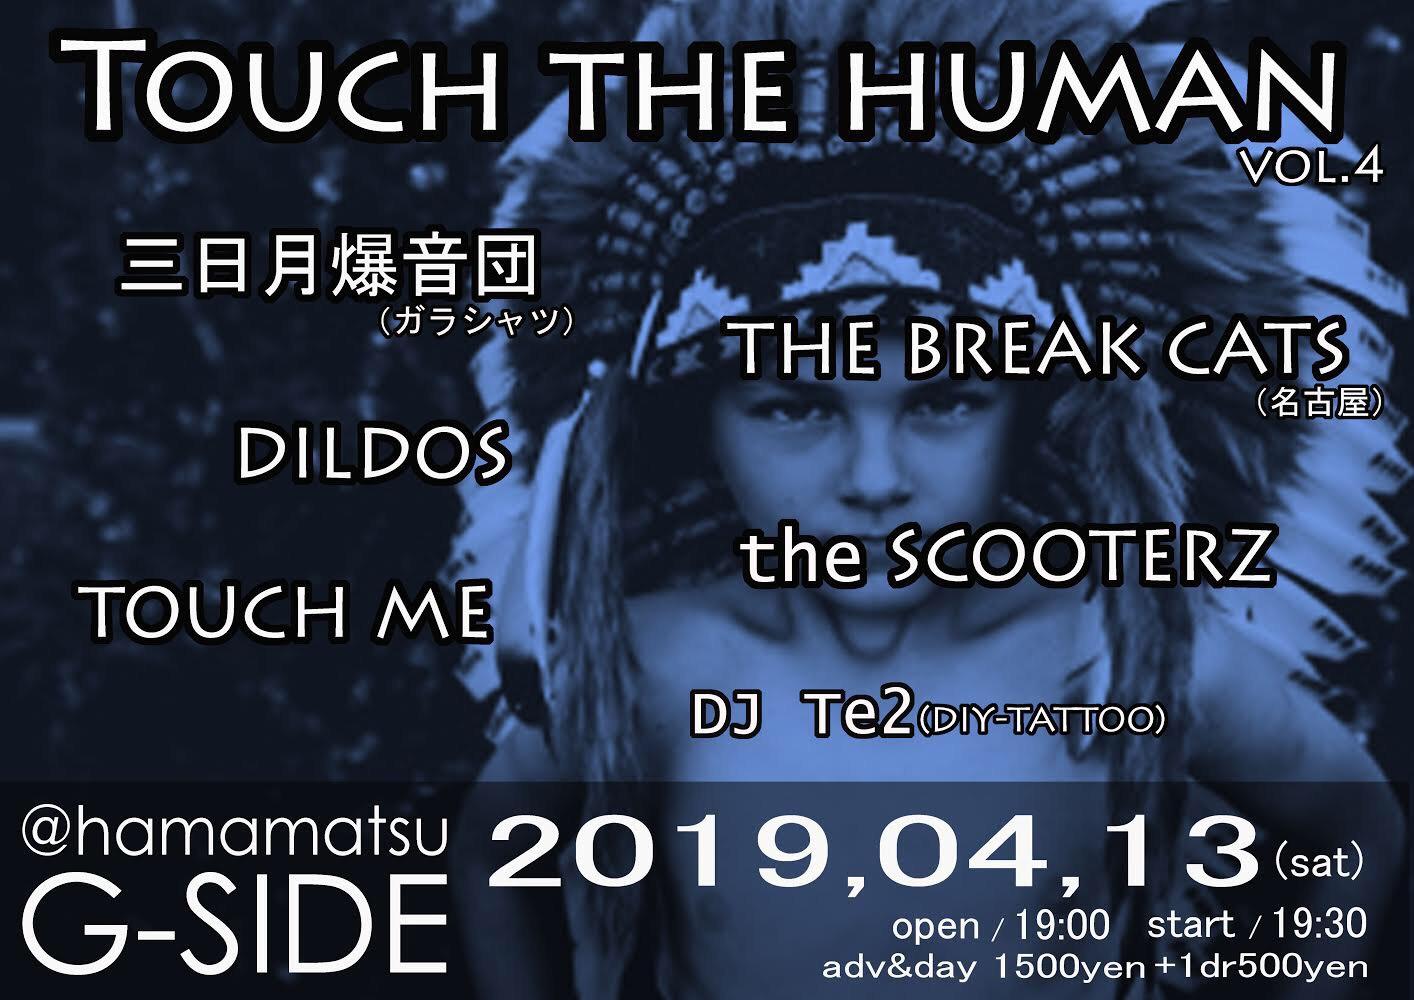 4月13日土曜日 TOUCH THE HUMAN vol.4